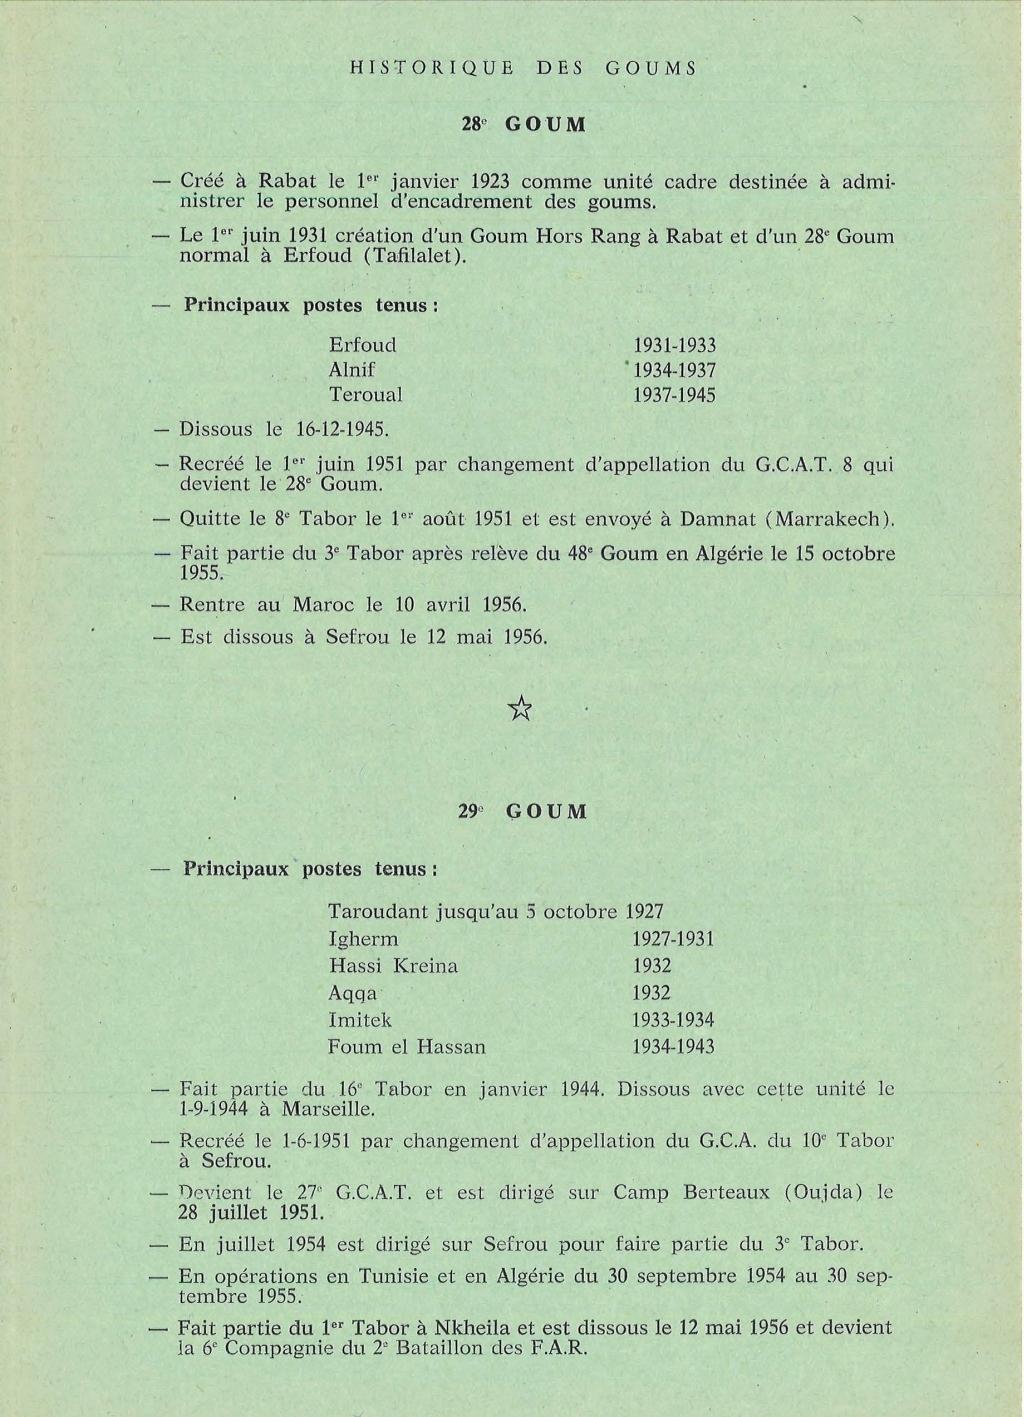 12 mai 1956 - Dissolution des Goumiers & integration aux FAR La_kou21